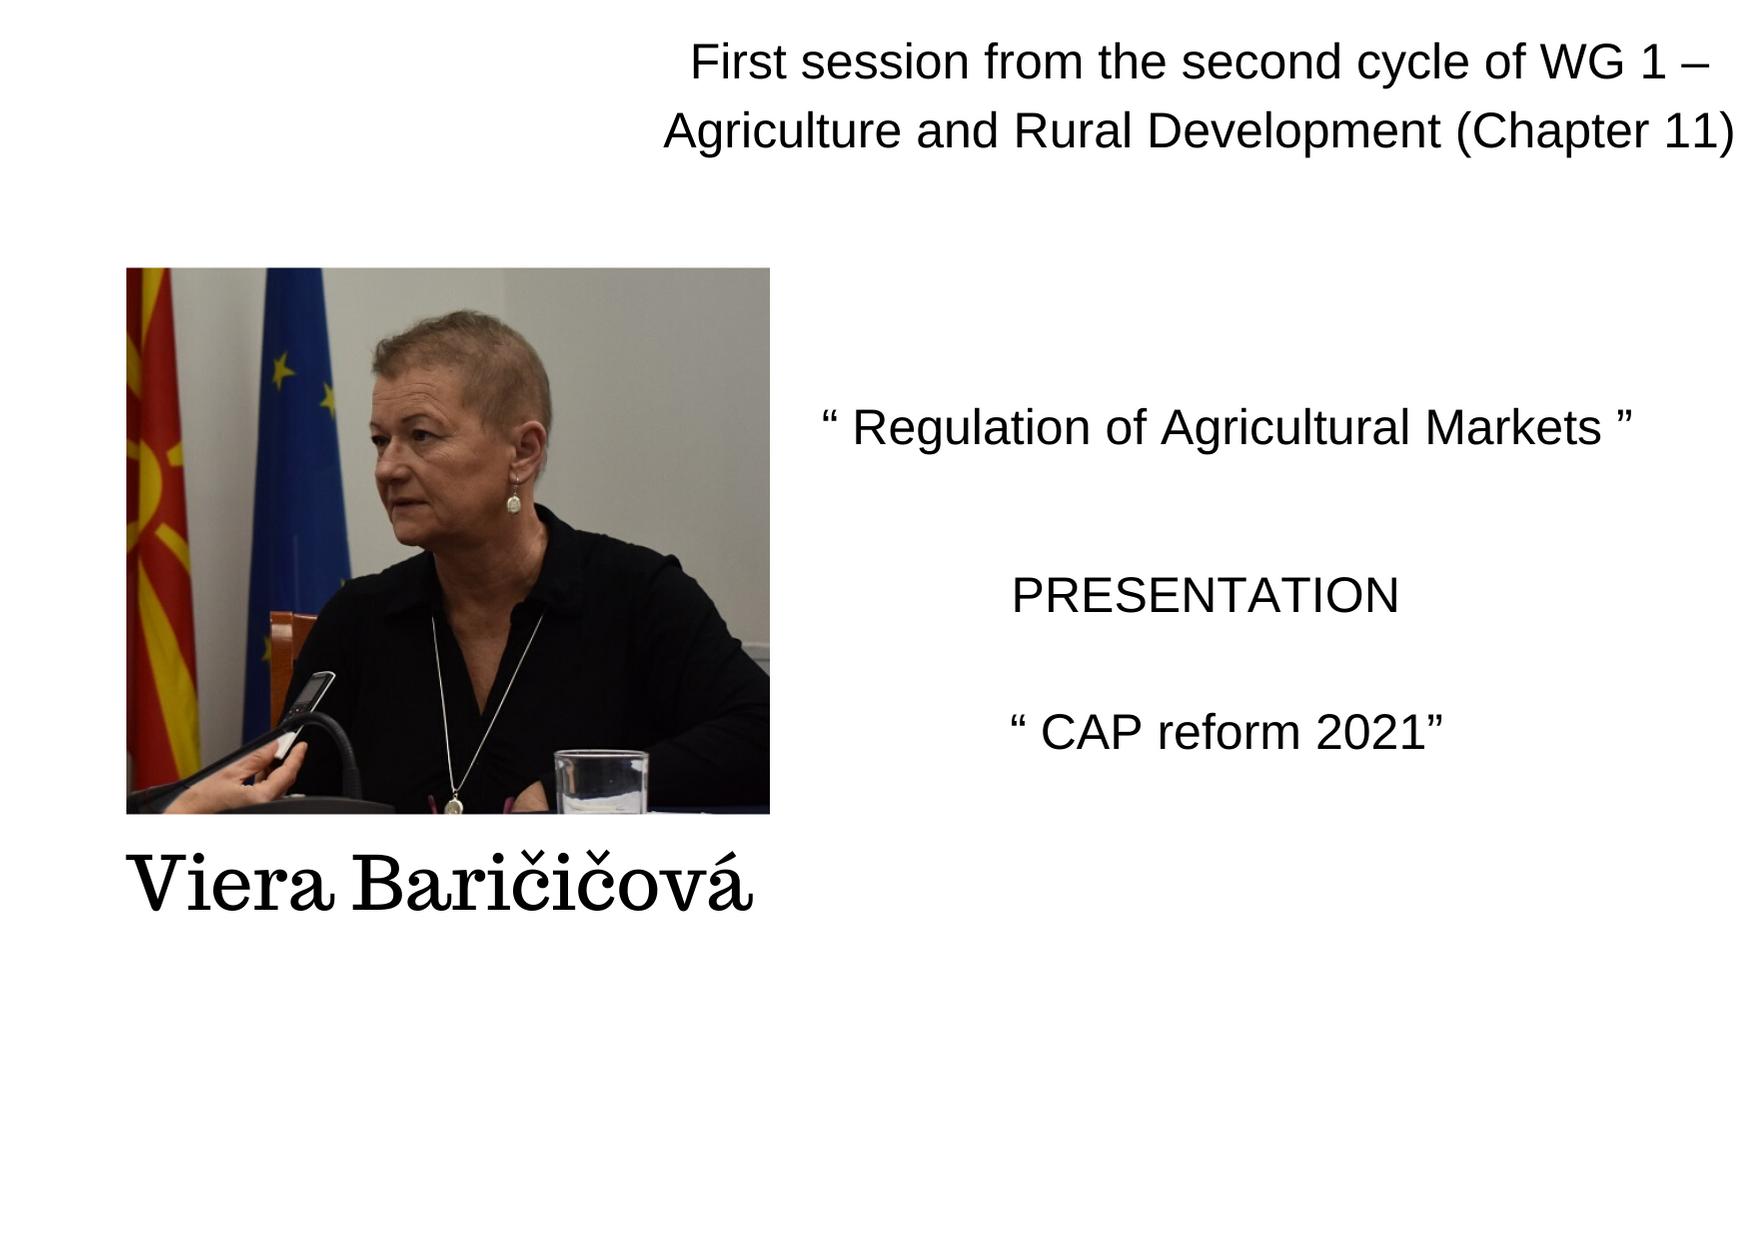 Viera Baričičová 2021